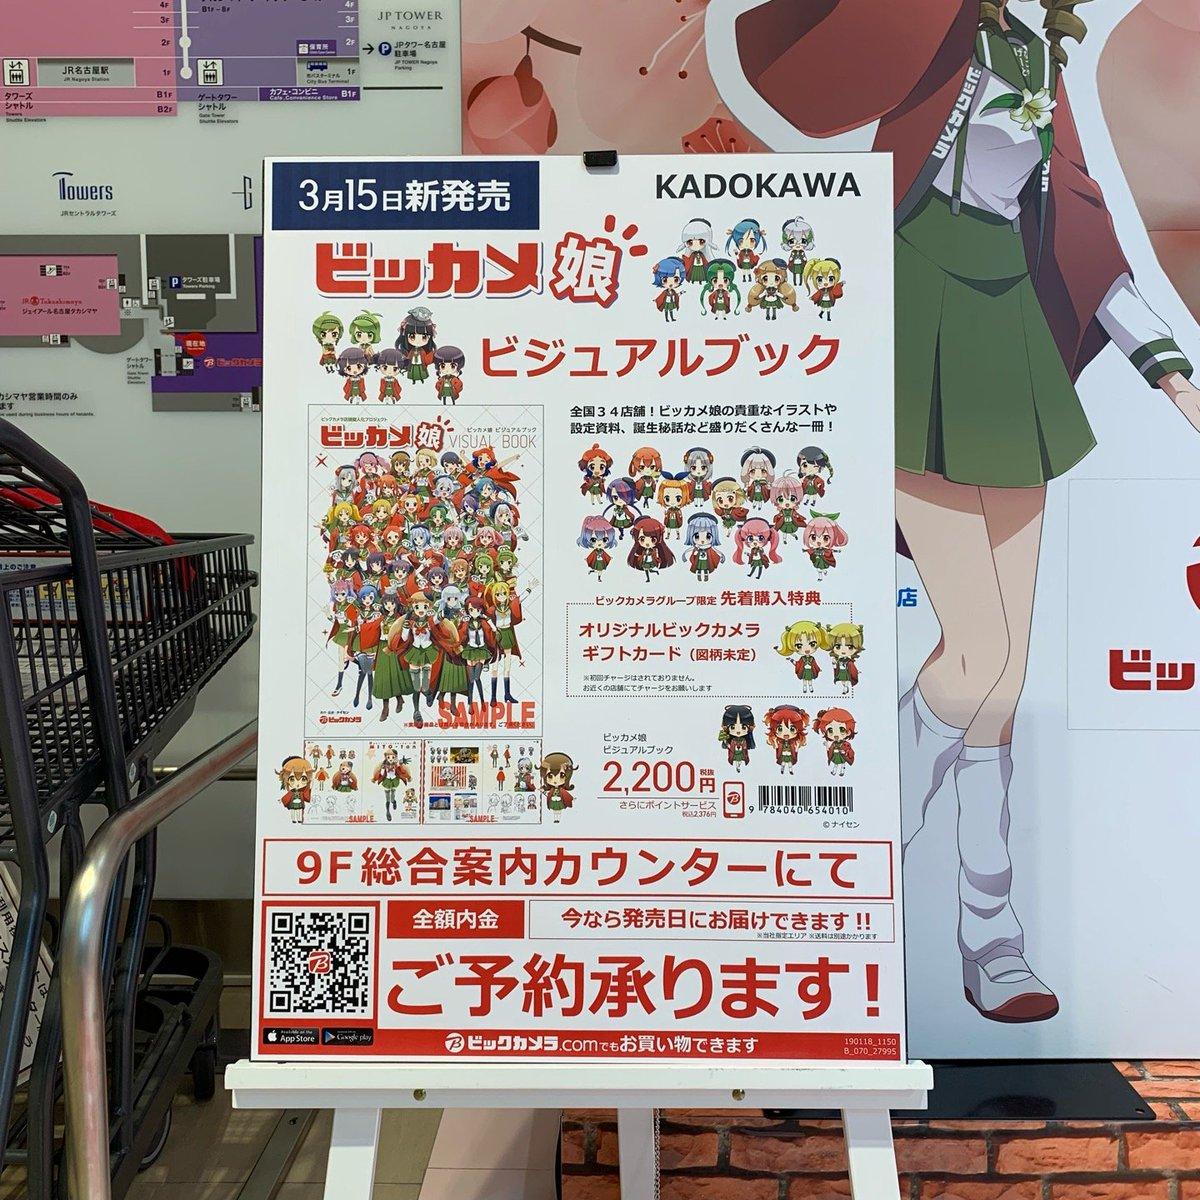 ビックカメラ 名古屋JRゲートタワー店(ビジュアルブック)